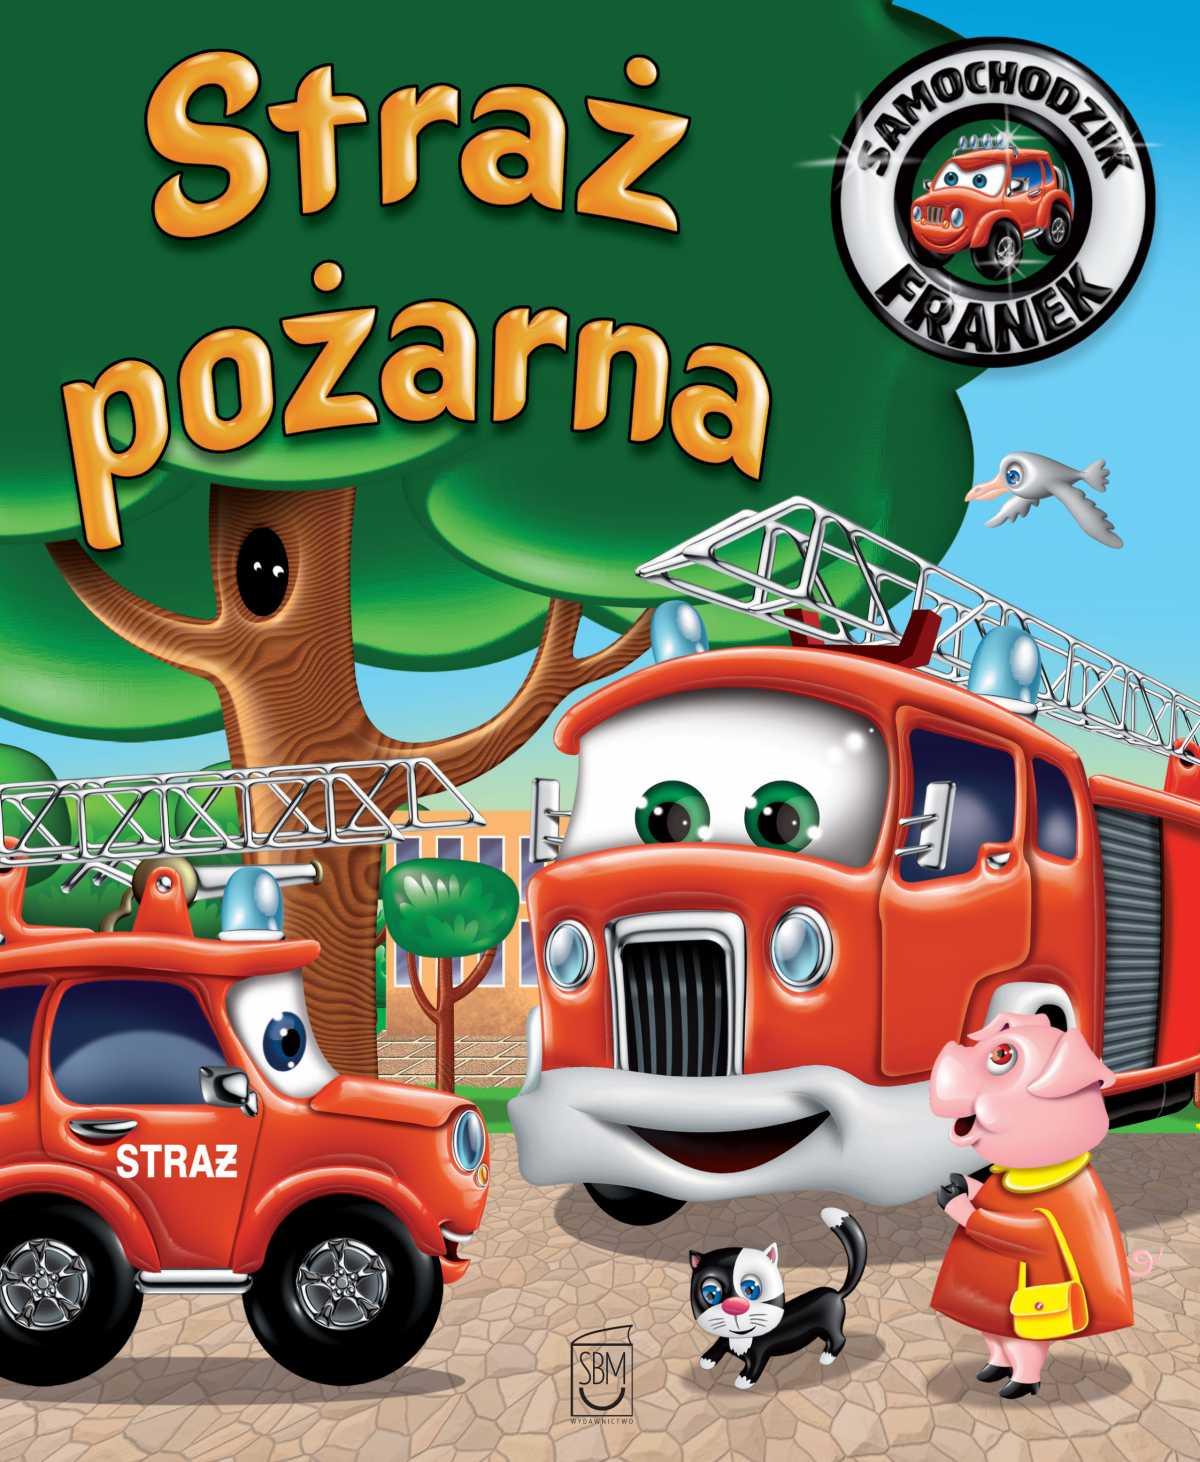 Samochodzik Franek. Straż pożarna - Ebook (Książka PDF) do pobrania w formacie PDF